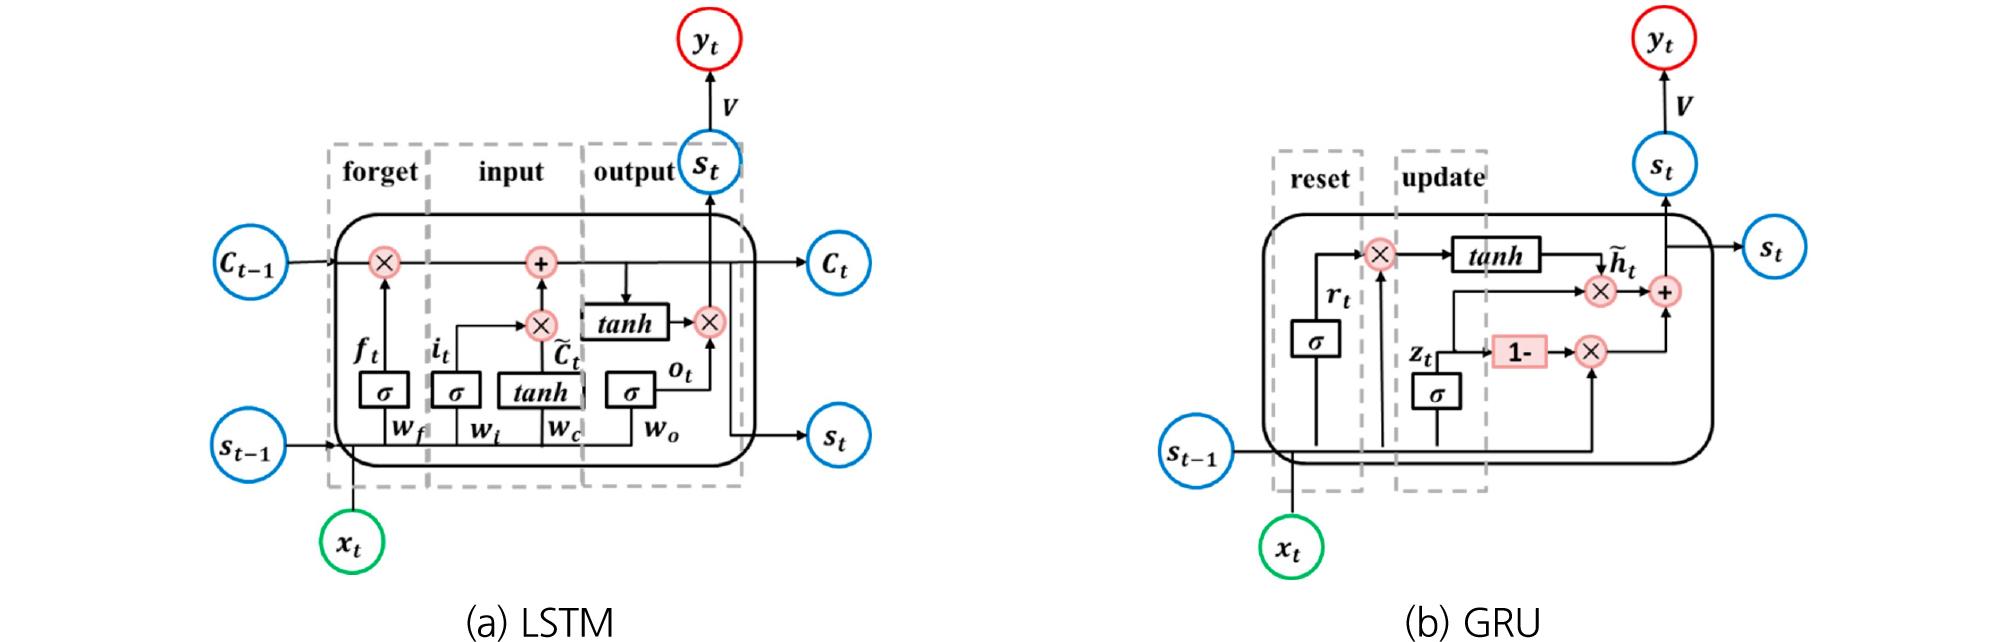 http://static.apub.kr/journalsite/sites/kta/2020-022-03/N0550220302/images/kta_22_03_02_F2.jpg